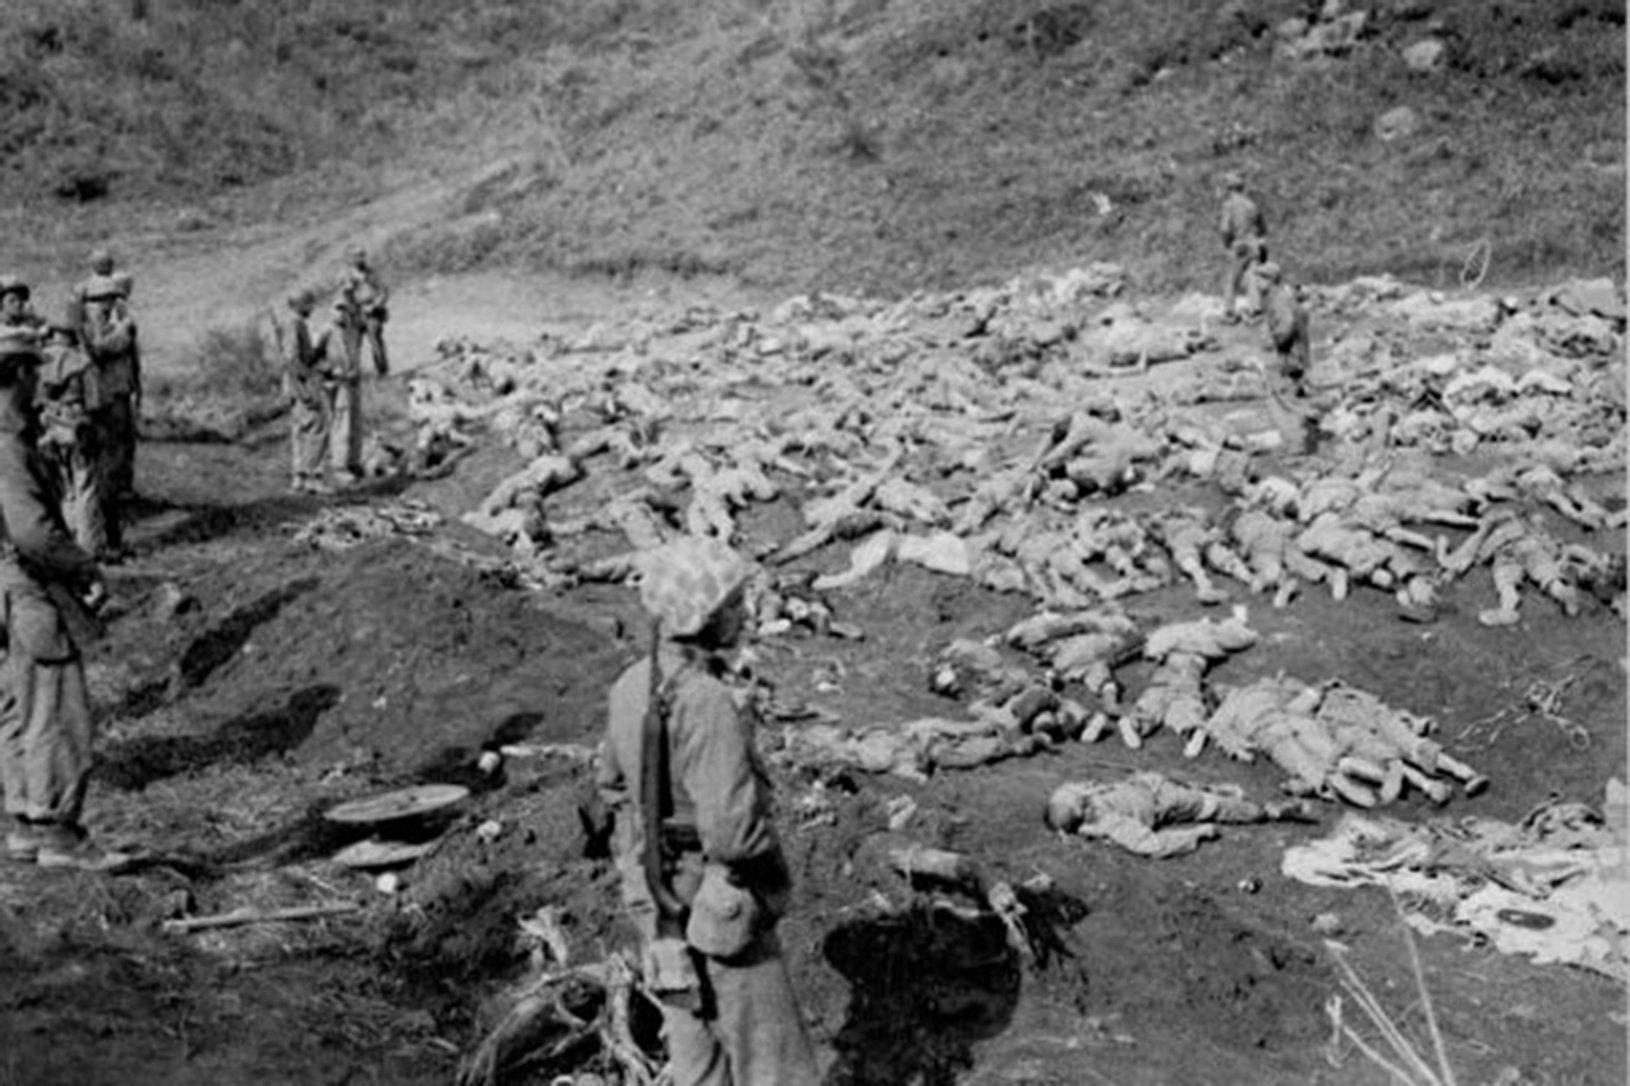 美軍士兵正在檢視韓戰中陣亡的中國士兵屍體。(公共領域)。